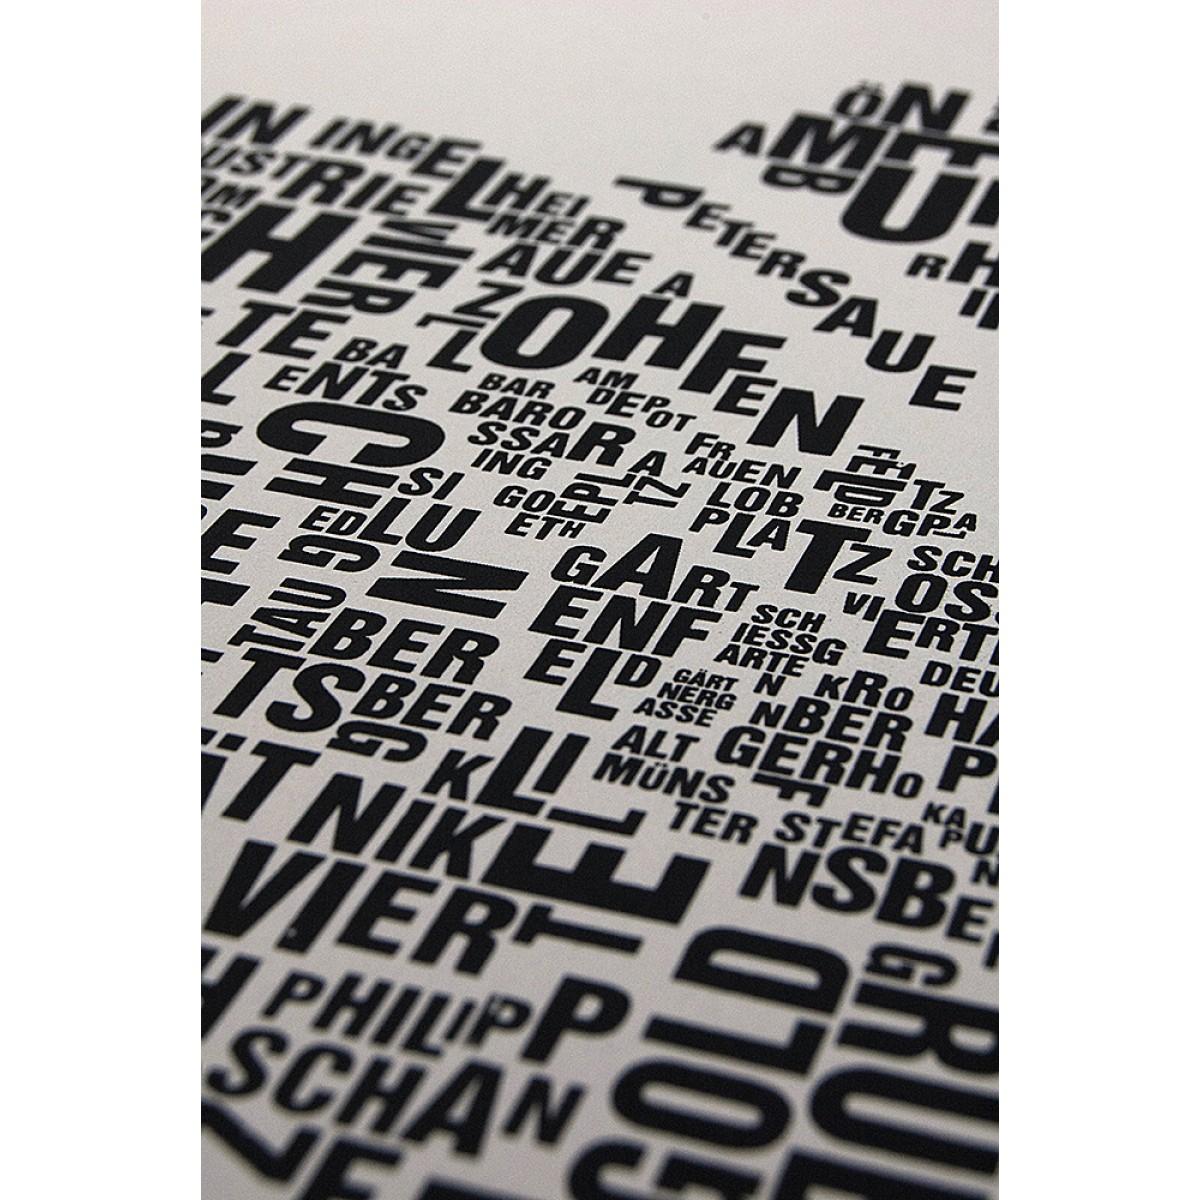 Buchstabenort Mainz Stadtteile-Poster Typografie